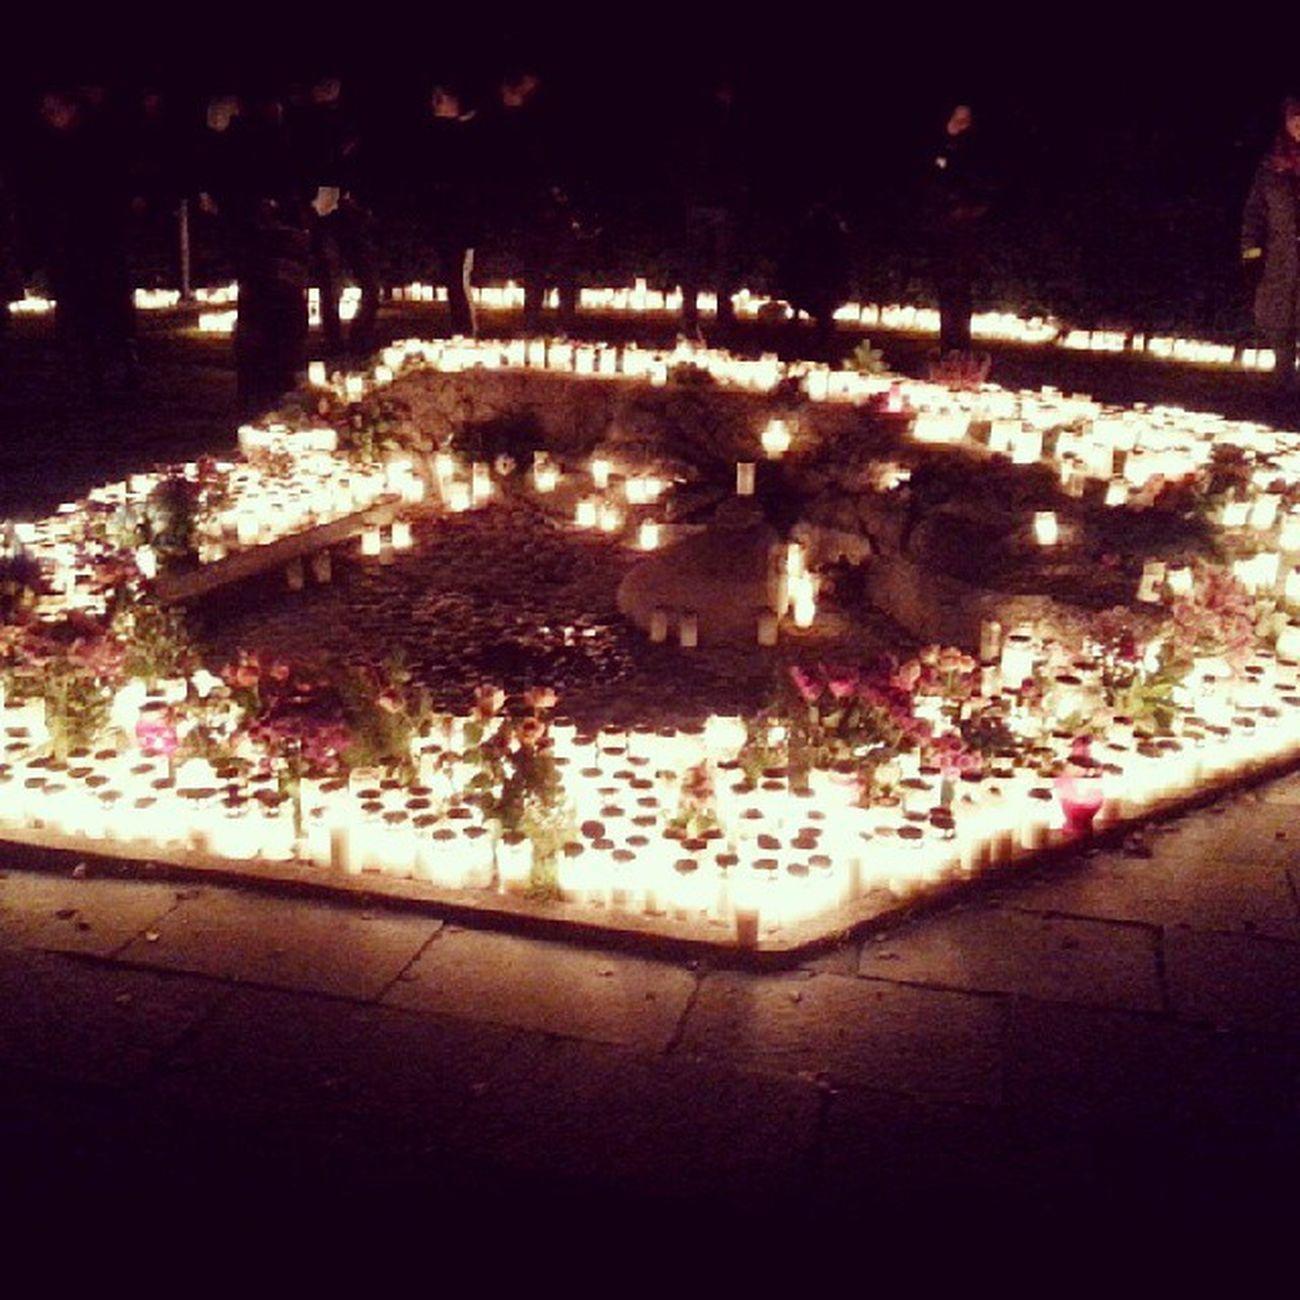 Allahelgon Norrakyrkogårdenörebro Ljus Candles